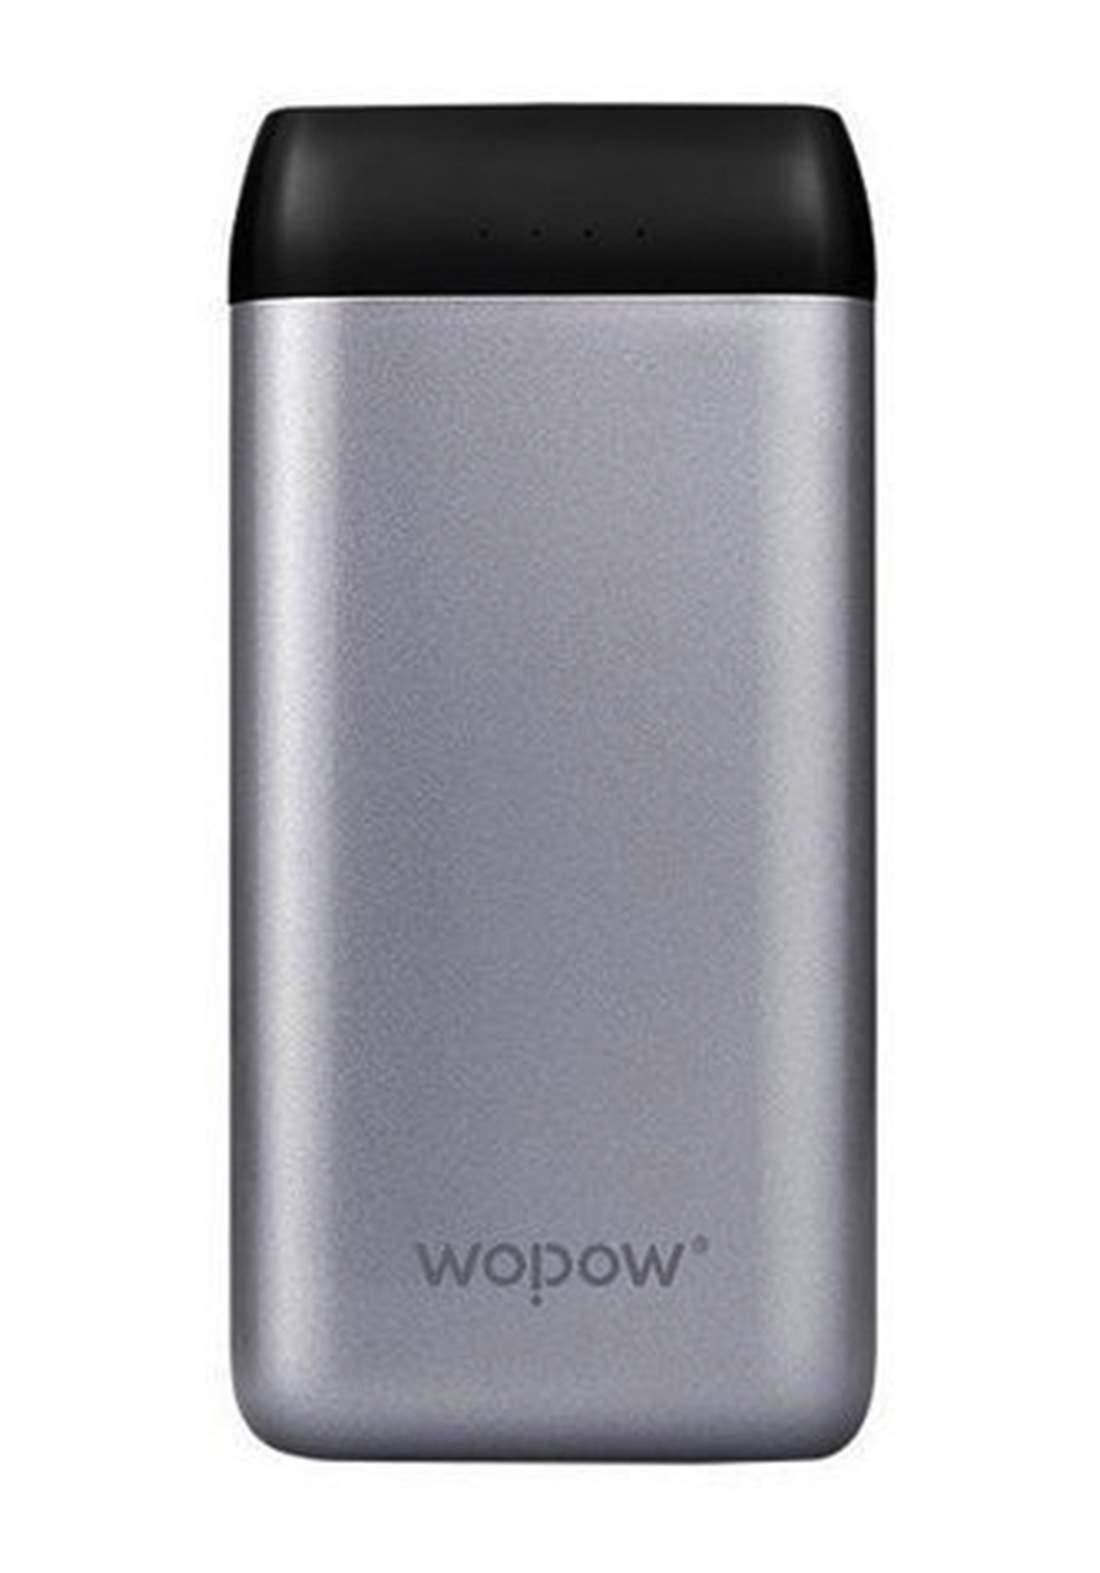 Wopow X15 Portable Power Bank - Gray شاحن محمول